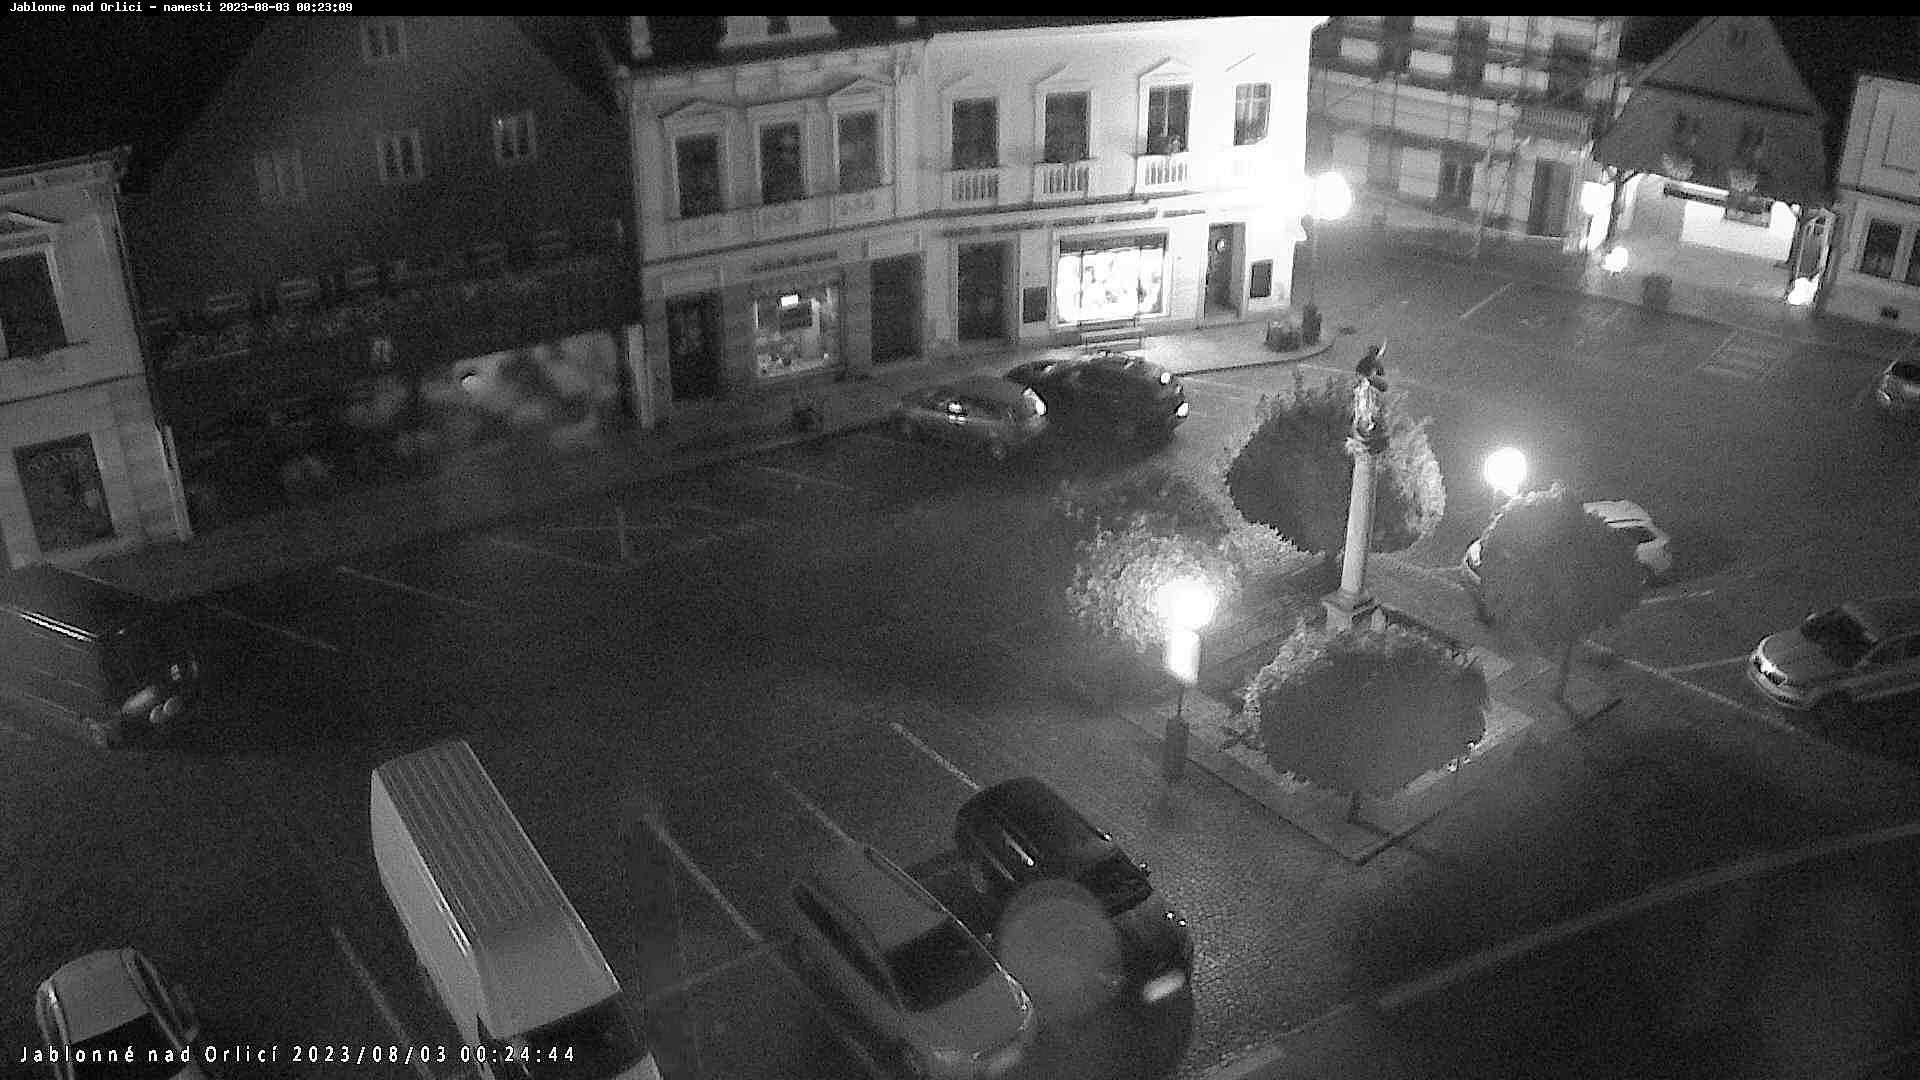 Webkamera - Jablonné nad Orlicí